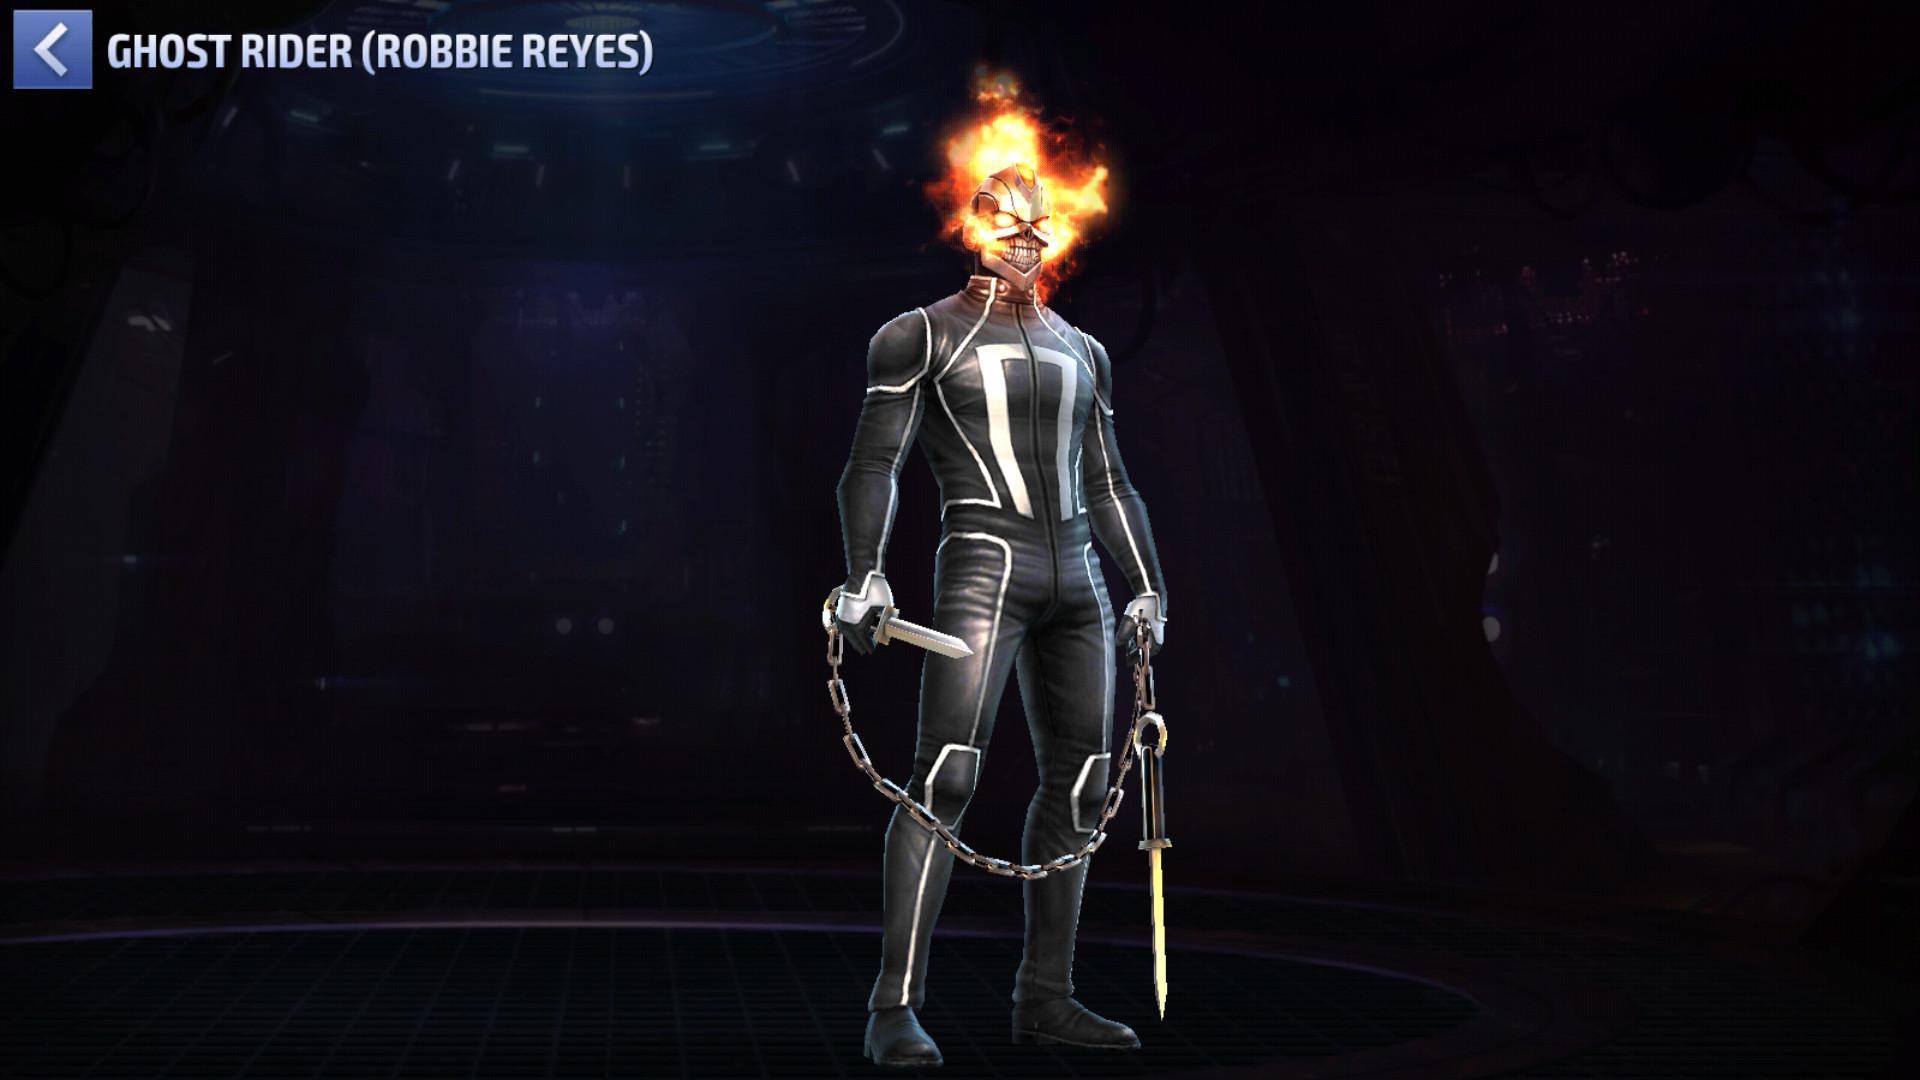 Ce Ghost Rider est même apparu dans MARVEL Agents of S.H.I.E.L.D.